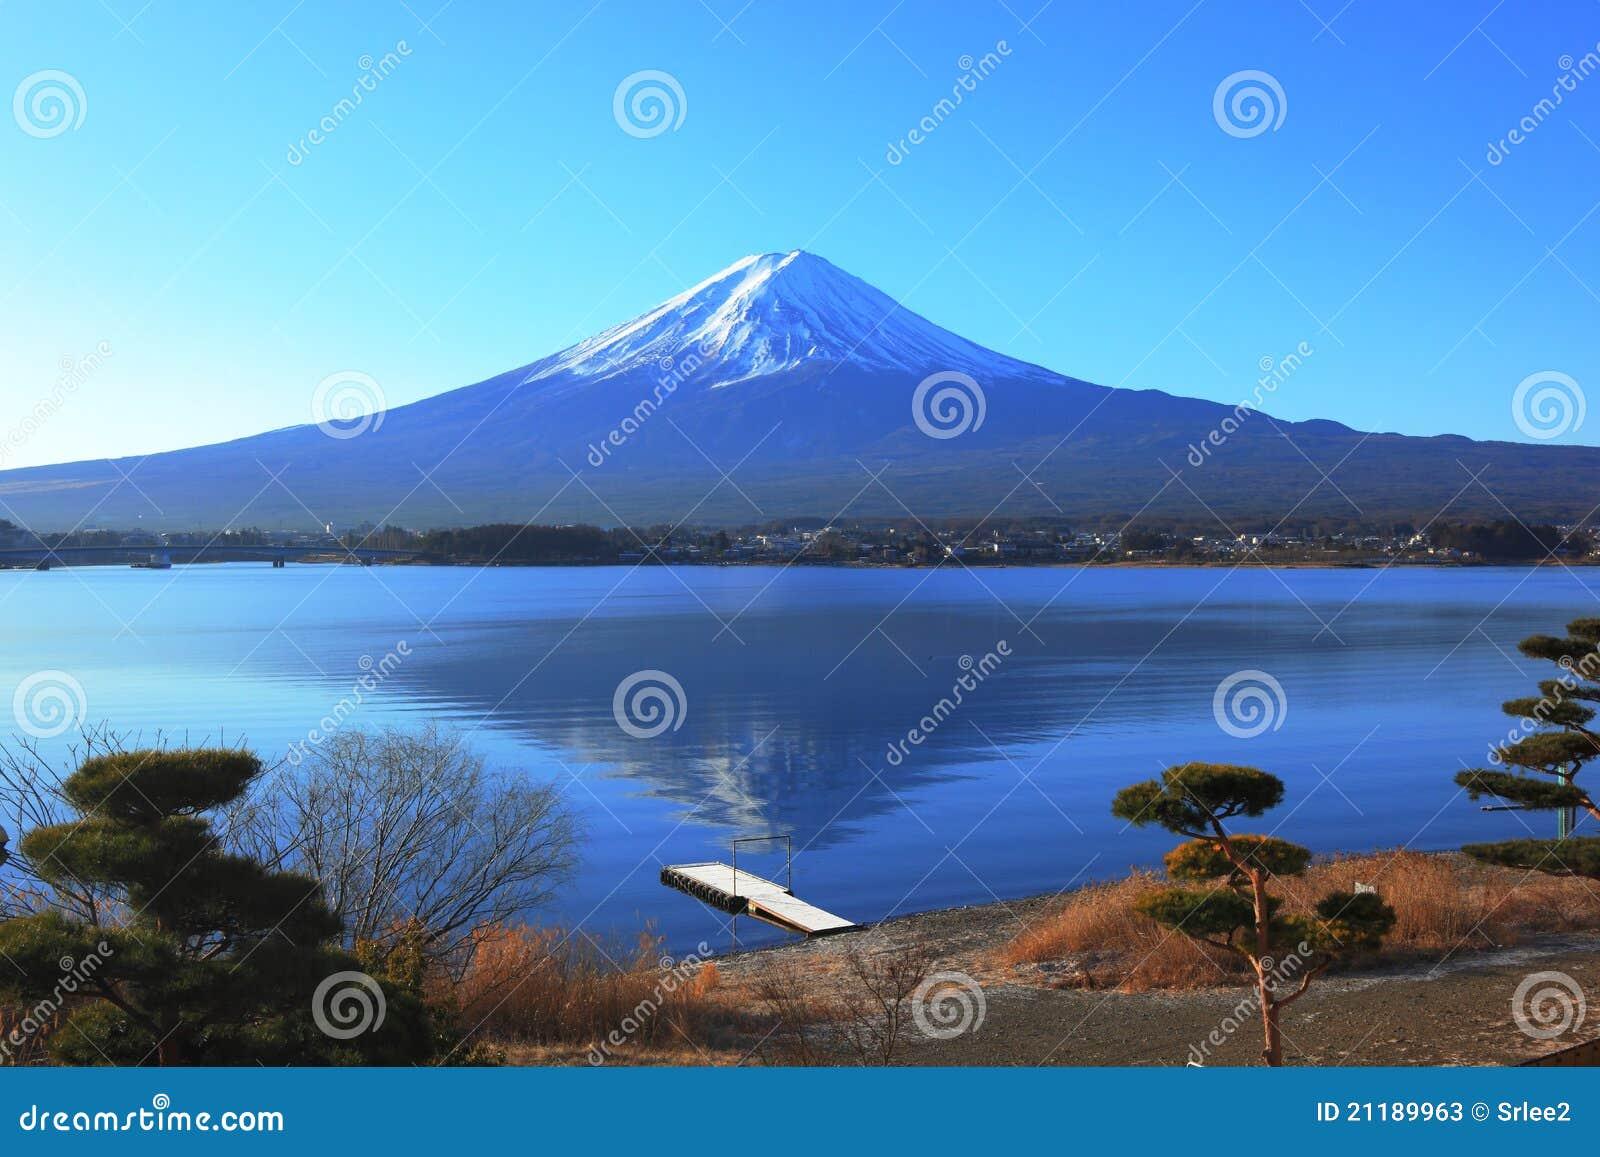 Lake side view of Mountain Fuji, Japan